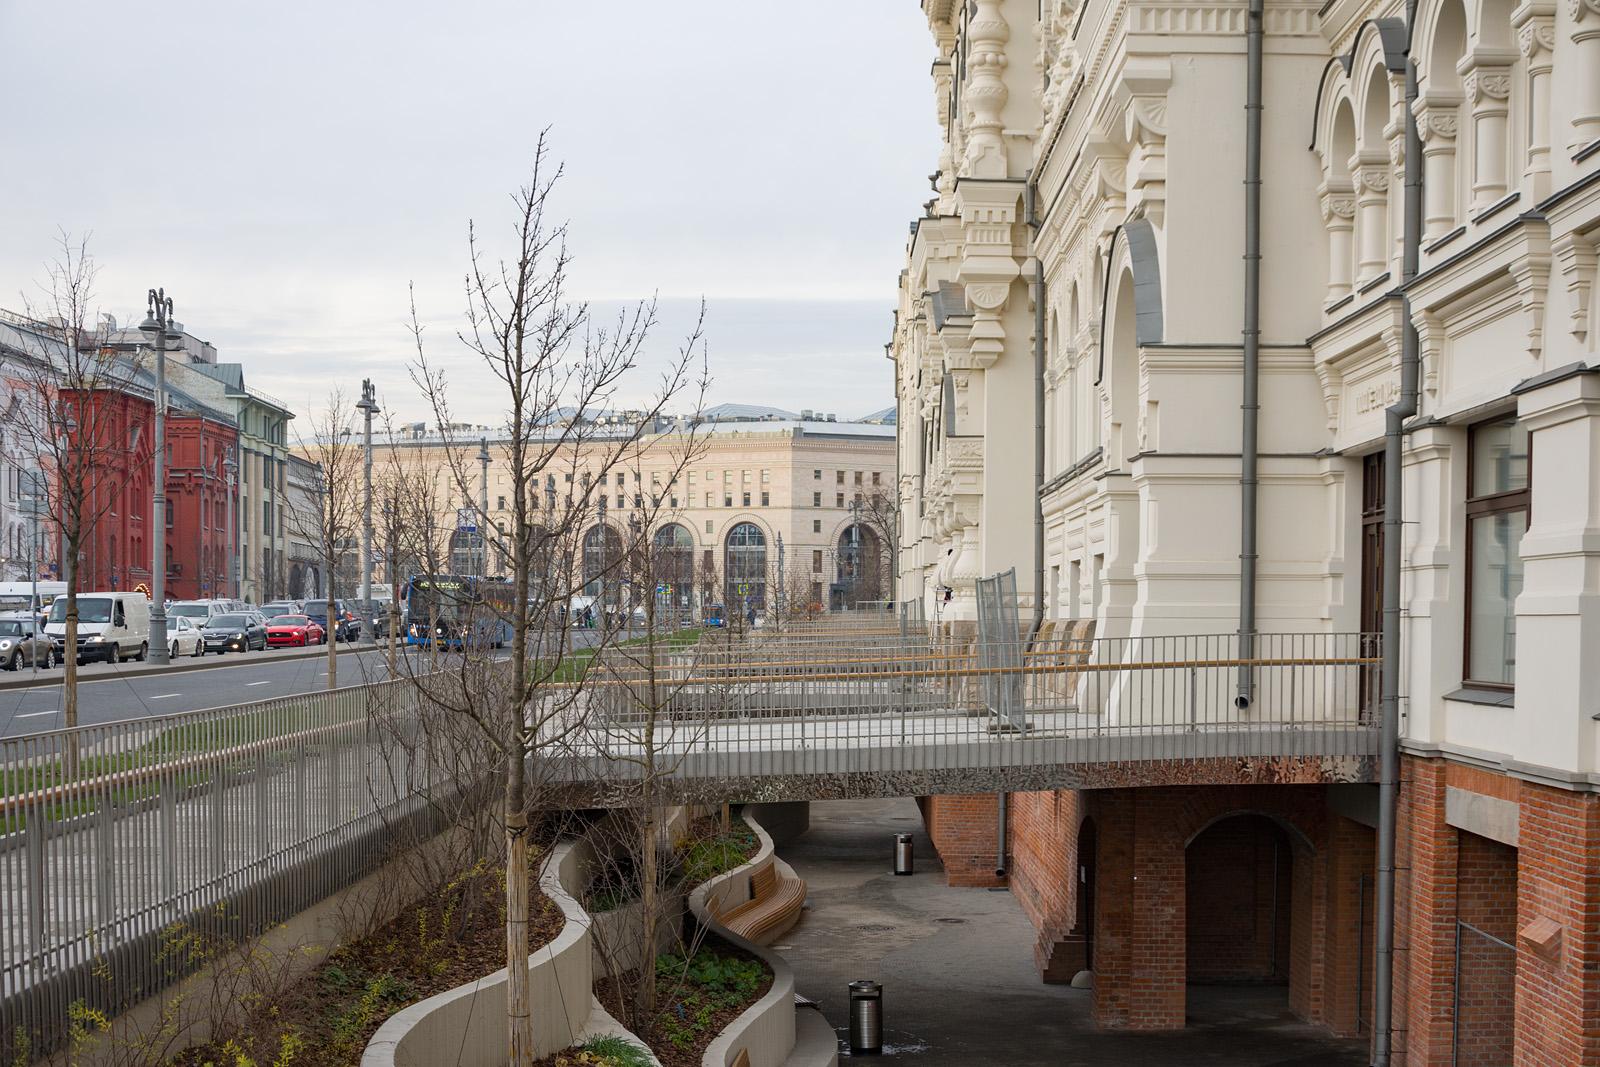 Как идёт реконструкция Политехнического музея? Часть 1 - 6